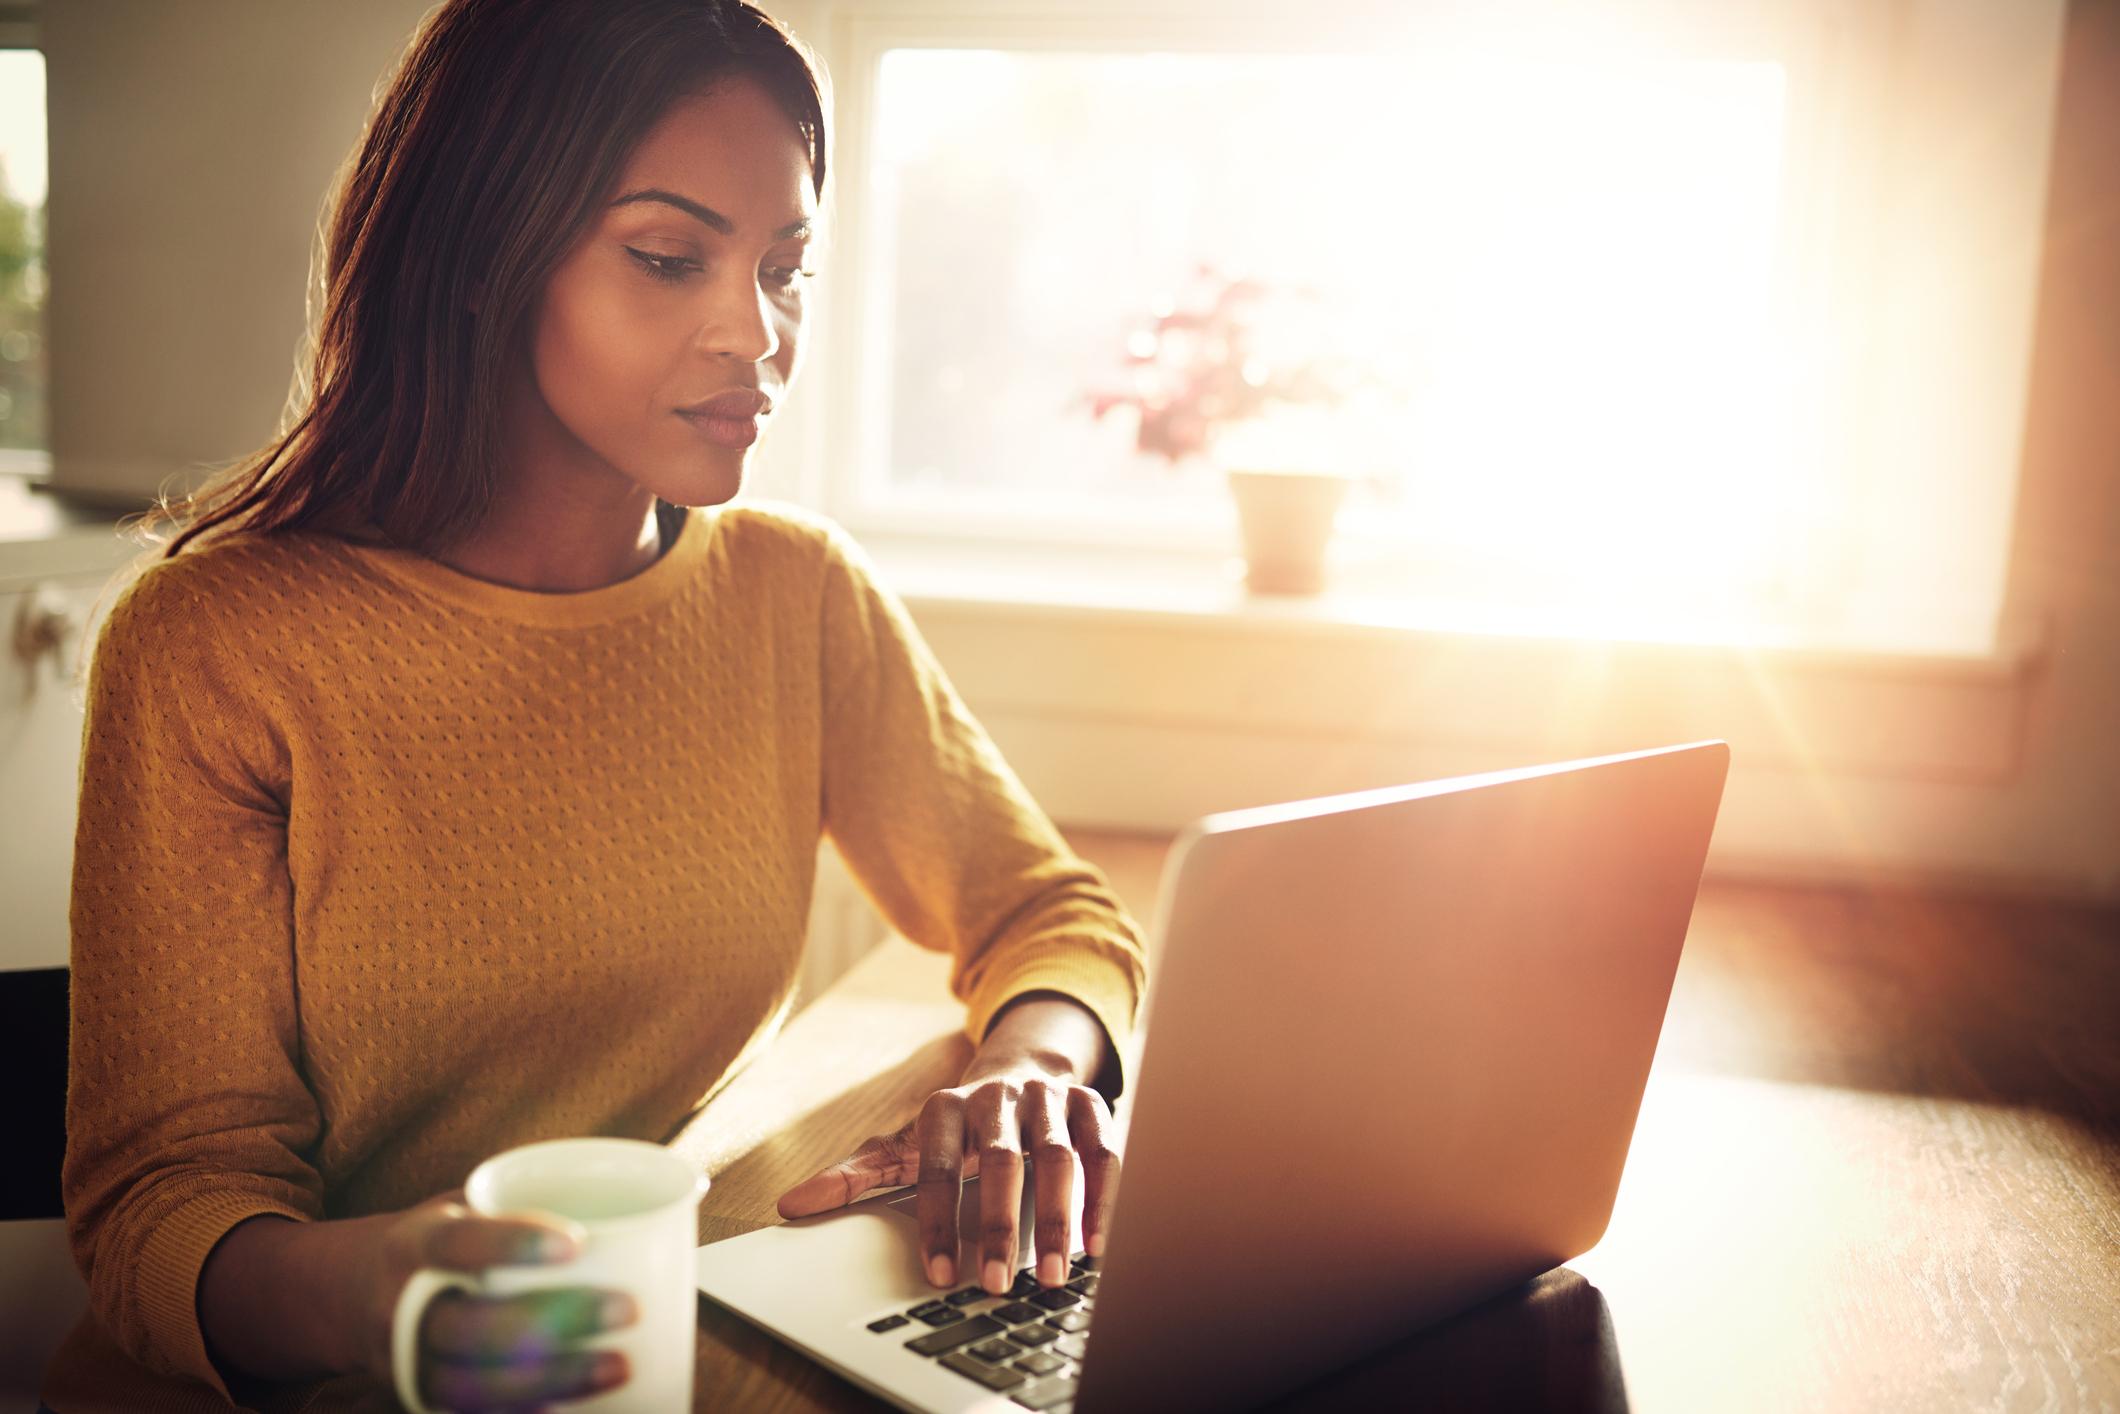 Woman holding mug using laptop